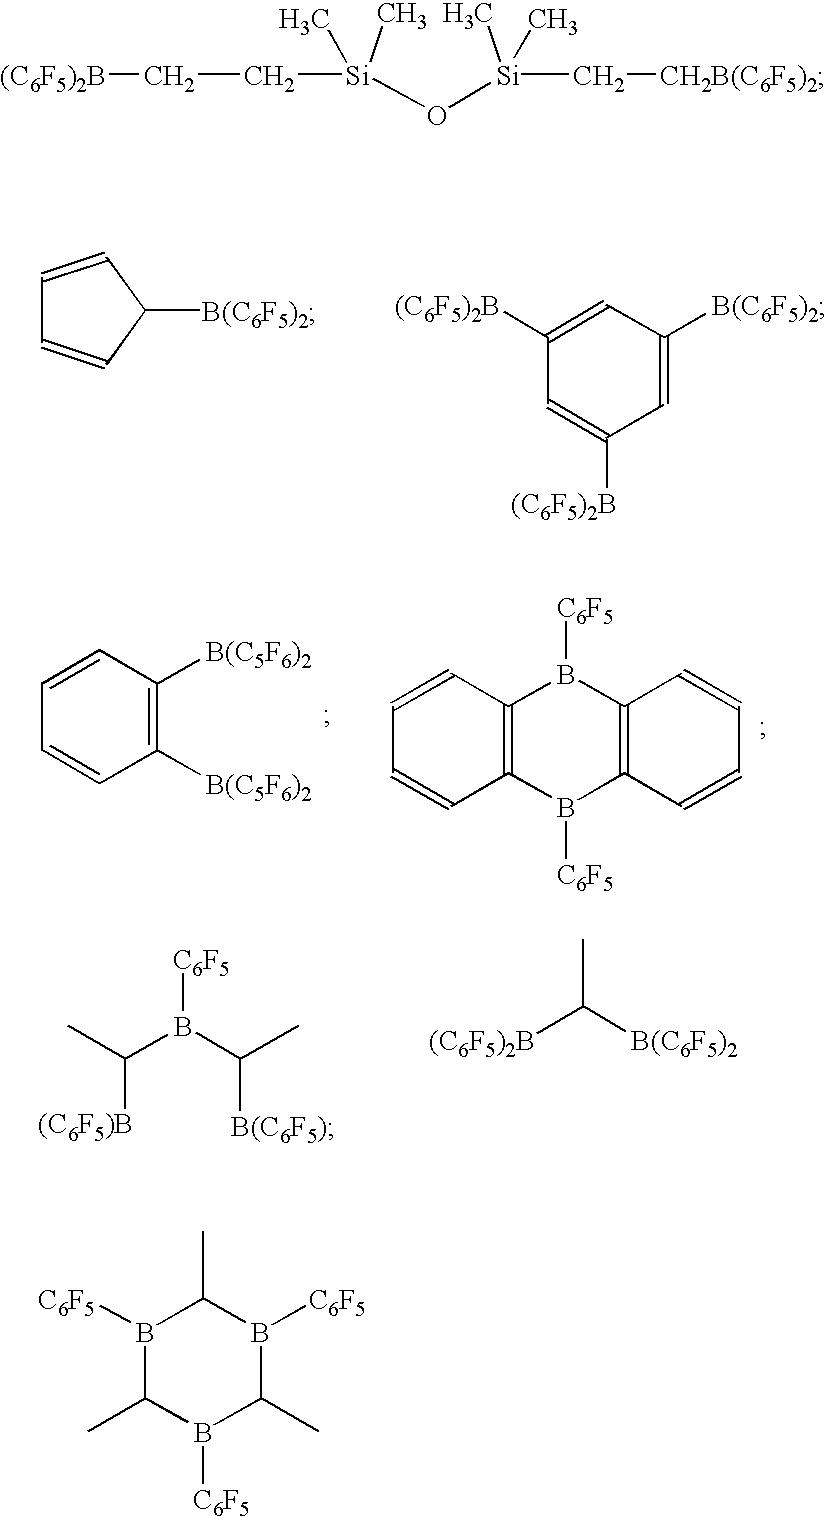 Figure US20030139287A1-20030724-C00009